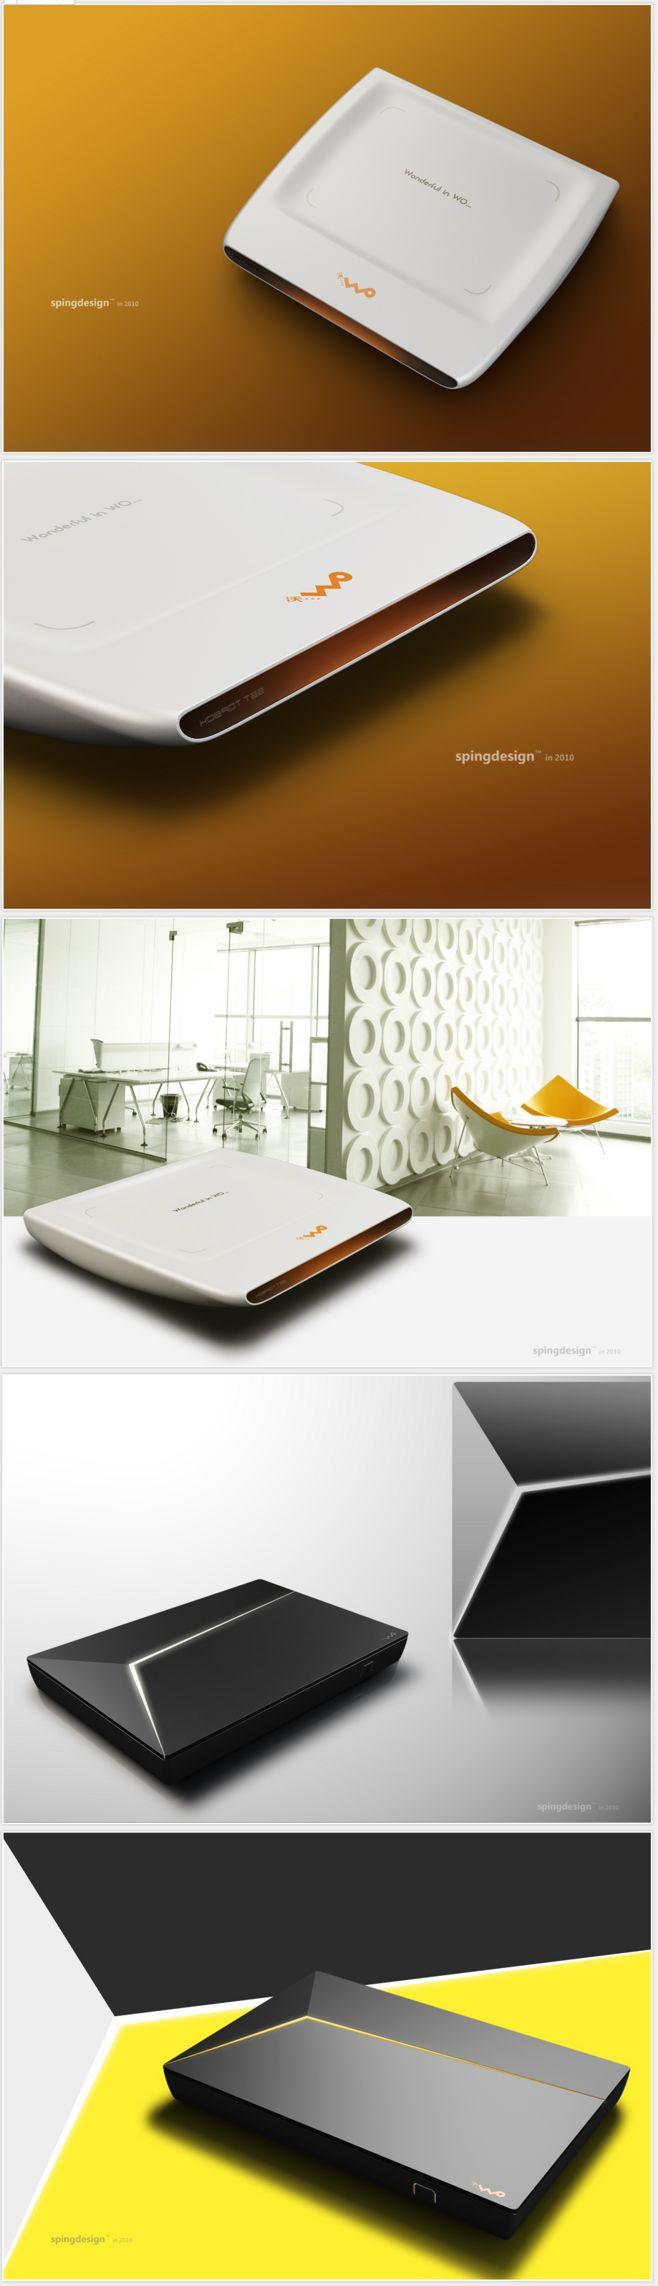 北京尚品格工业设计公司|工业设计|产品设...